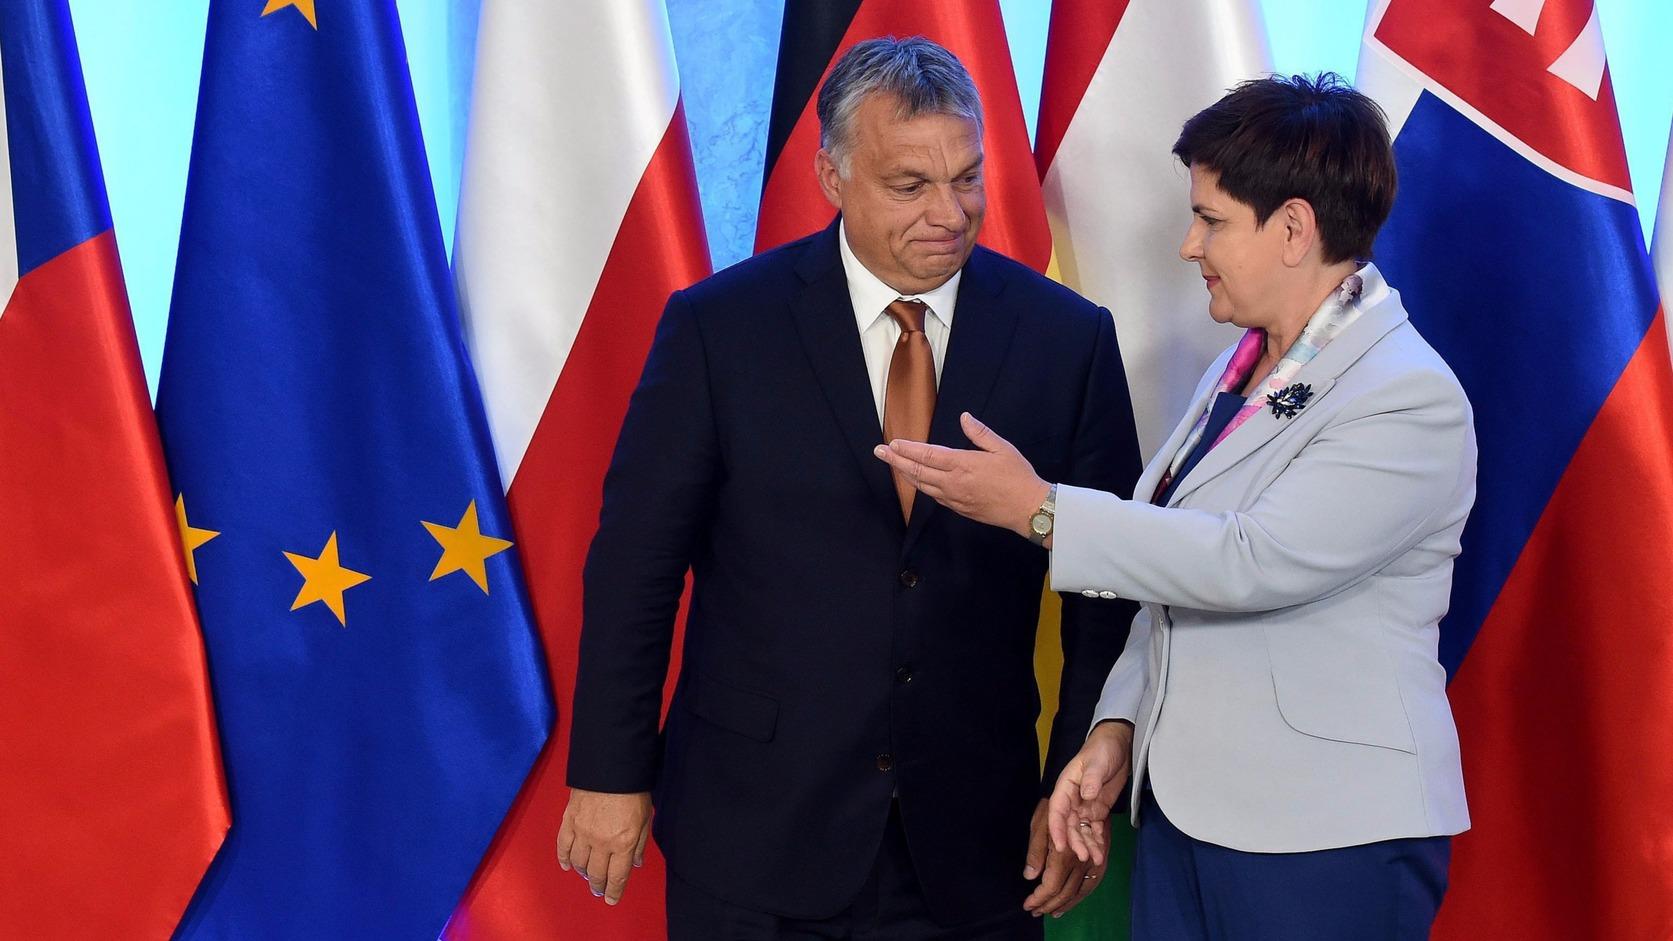 Varsó, 2016. augusztus 26. Orbán Viktor miniszterelnököt (b) fogadja lengyel hivatali partnere, Beata Szydlo a visegrádi országok (V4) csúcstalálkozója előtt Varsóban 2016. augusztus 26-án. Csehország, Lengyelország, Magyarország és Szlovákia kormányfői az Európai Unió jövőjéről tárgyalnak a lengyel fővárosban Angel Merkel német kancellár részvételével. (MTI/EPA/Radek Pietruszka)